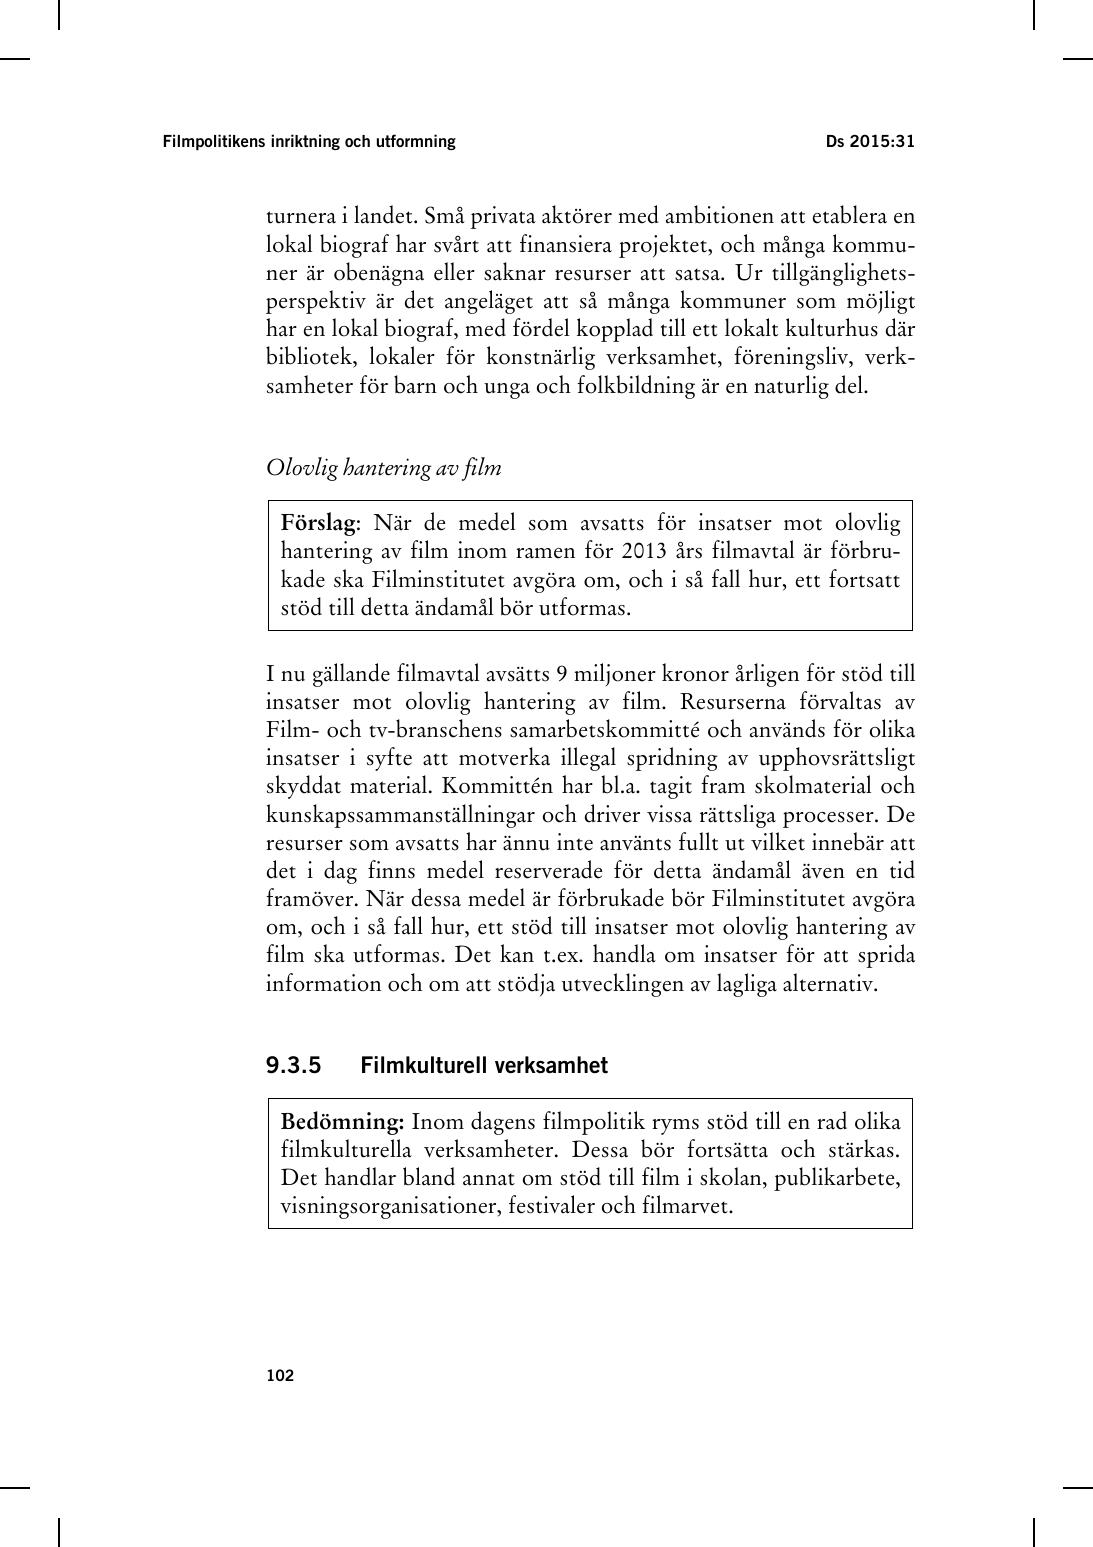 Avsiktsforklaring om ett nytt filmavtal 2006